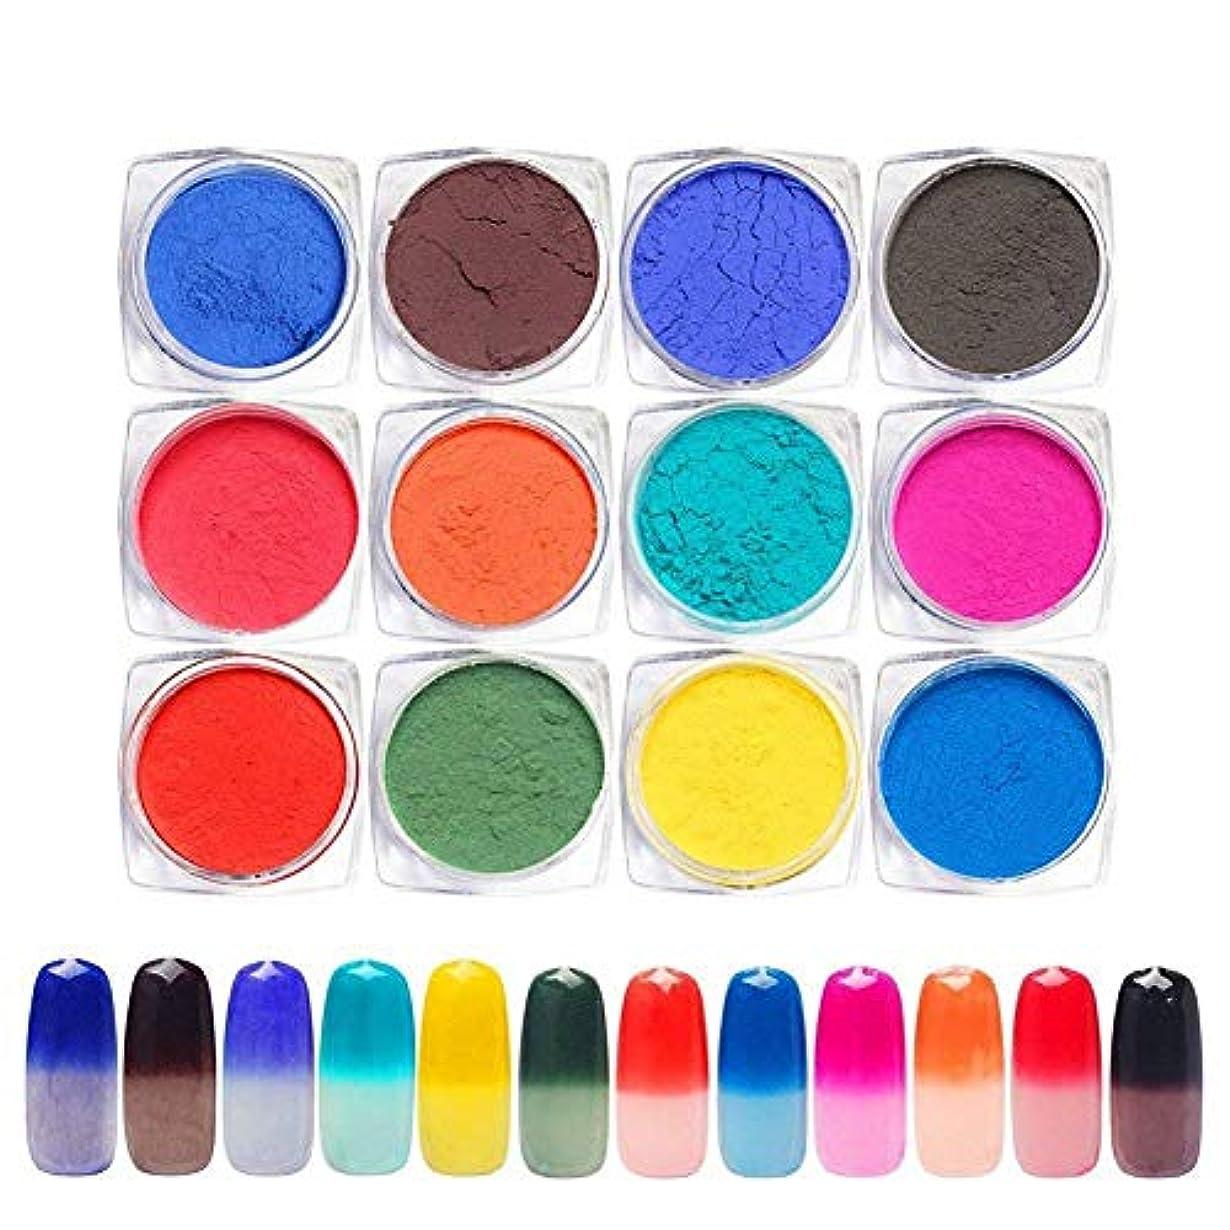 コールエゴマニア騒々しい12色セット 温度によって色が変わるパウダー 変色ネイルパウダー ネイルパーツ ジェルネイル ネイルアート1g入り